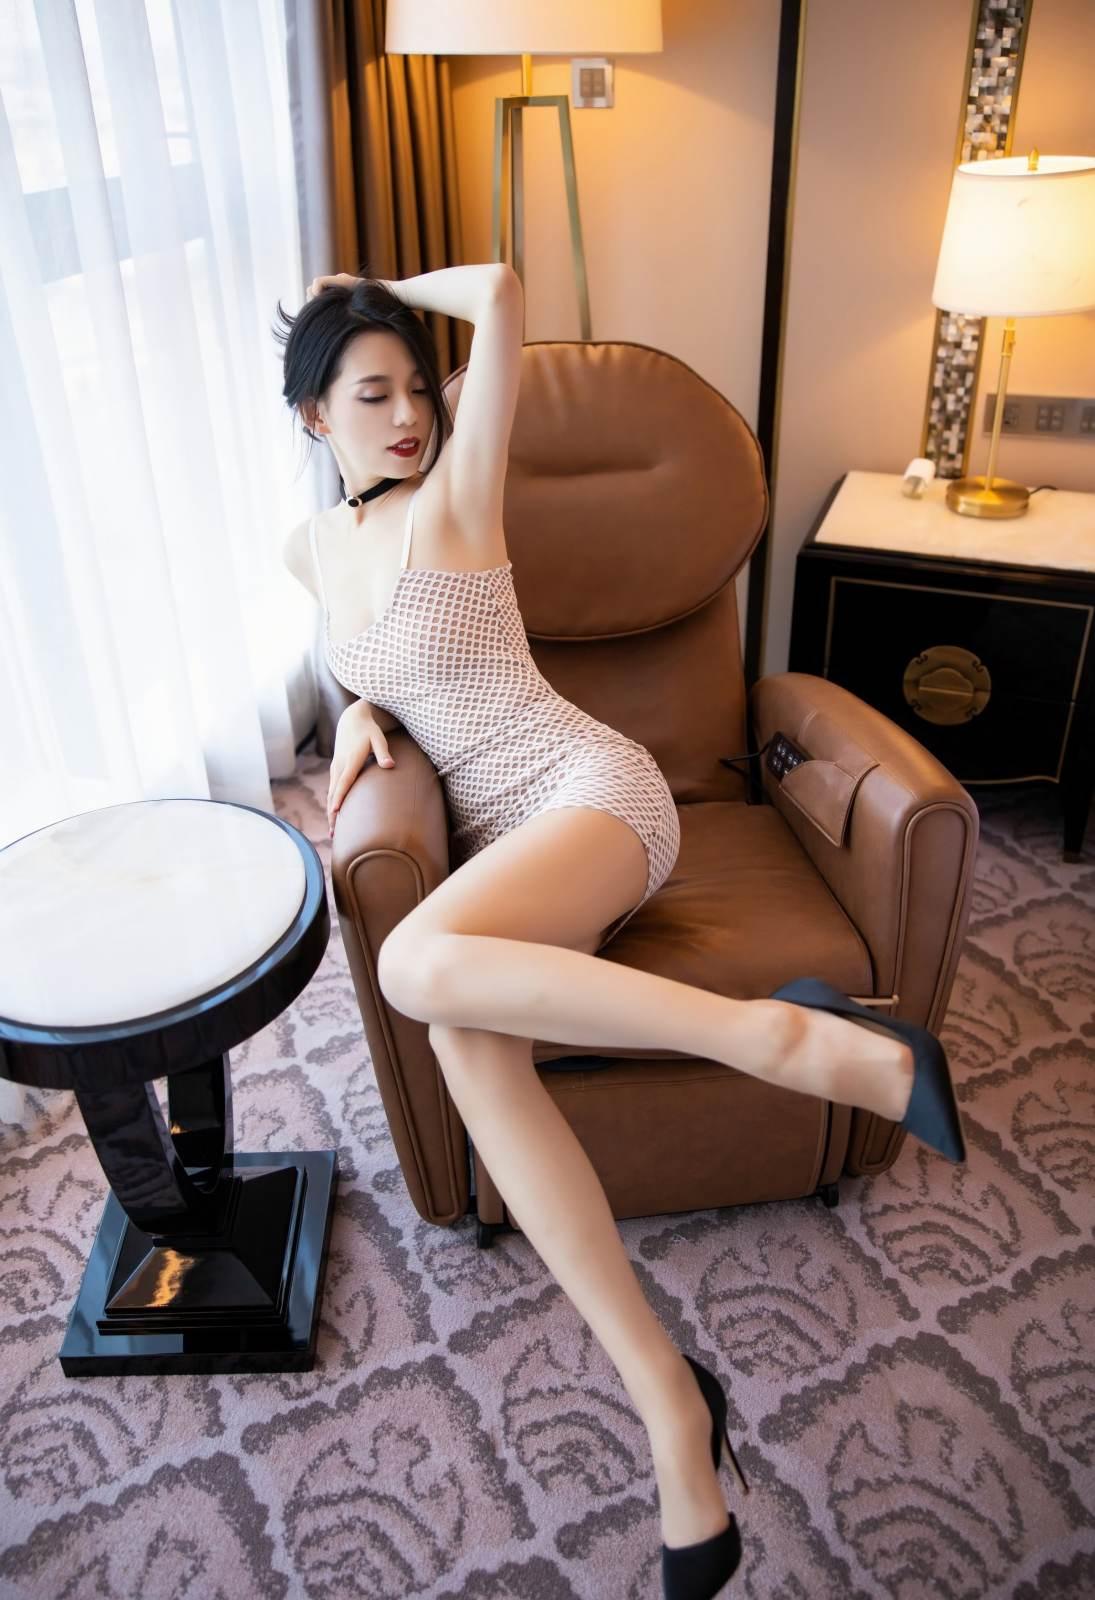 第227期婀娜多姿如柳叶言沫(高跟,连衣裙,丝袜,肉丝,大长腿)_图片5